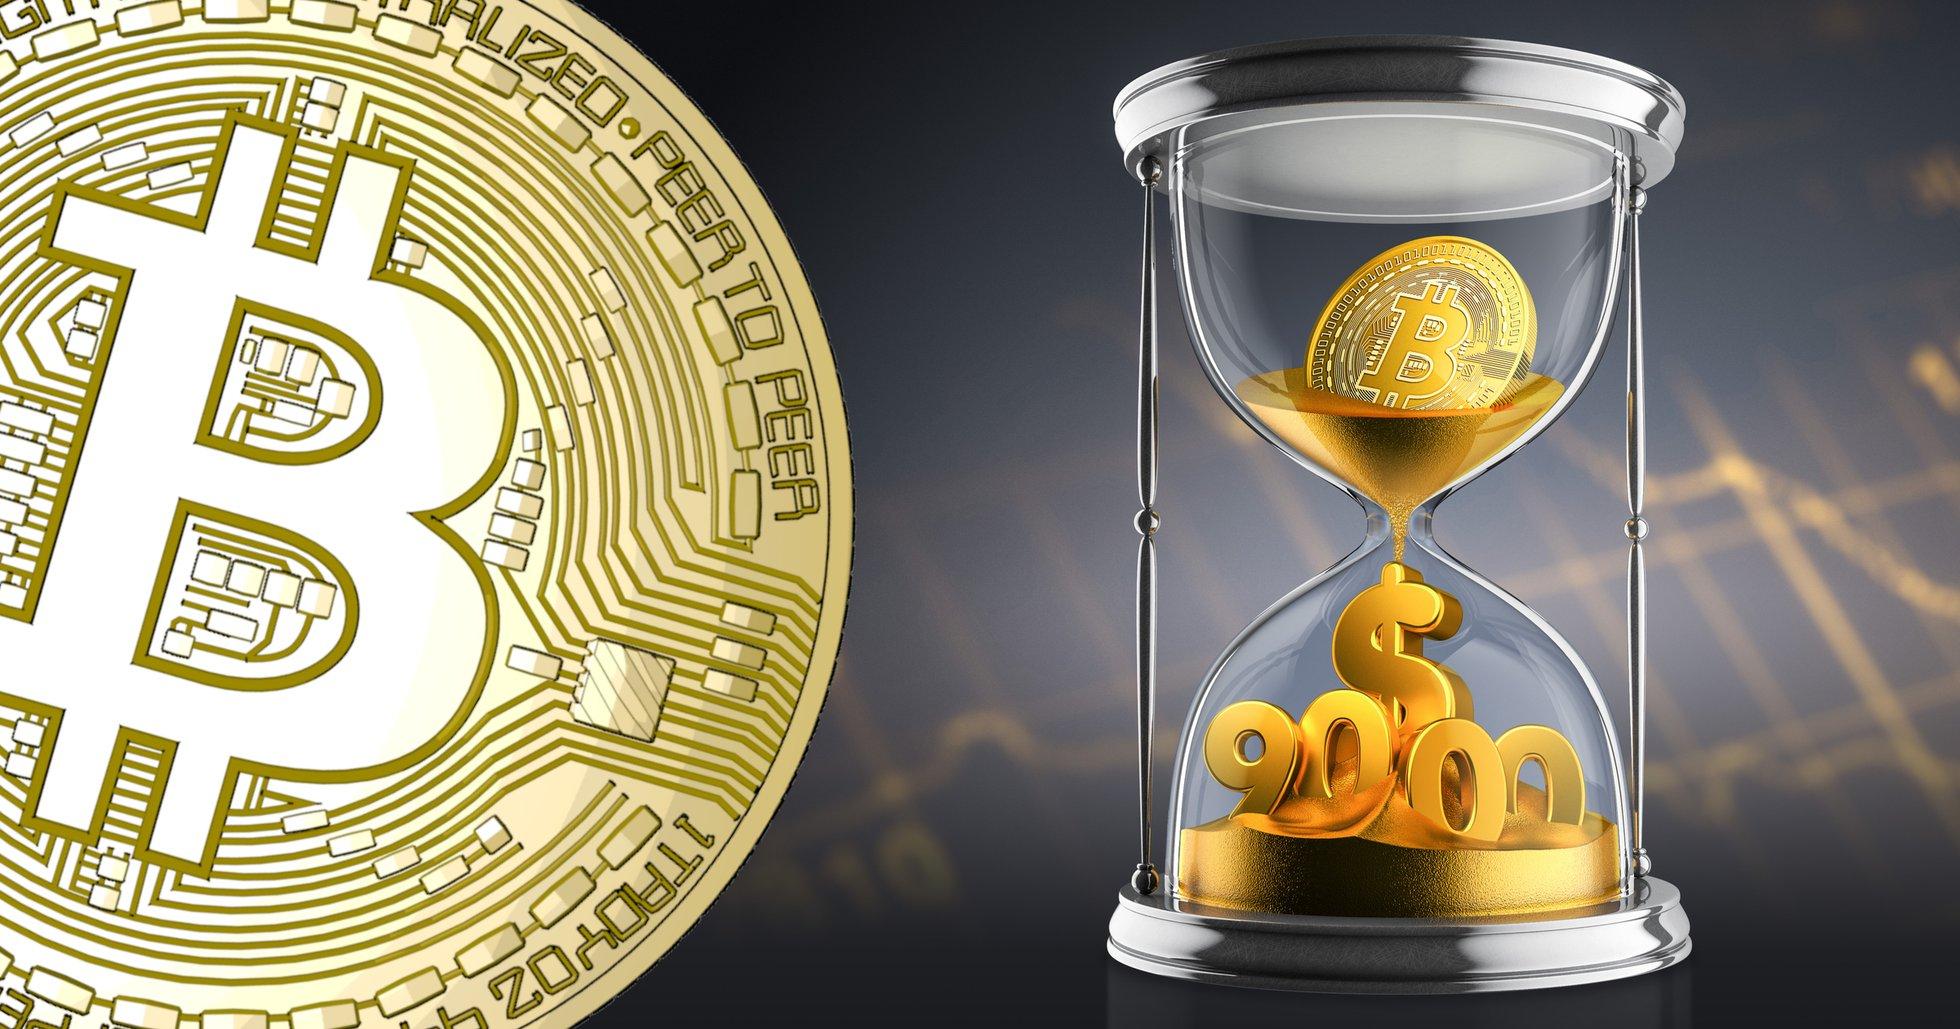 Bitcoinpriset upp 5 procent senaste dygnet – handlas återigen över 9 000 dollar.